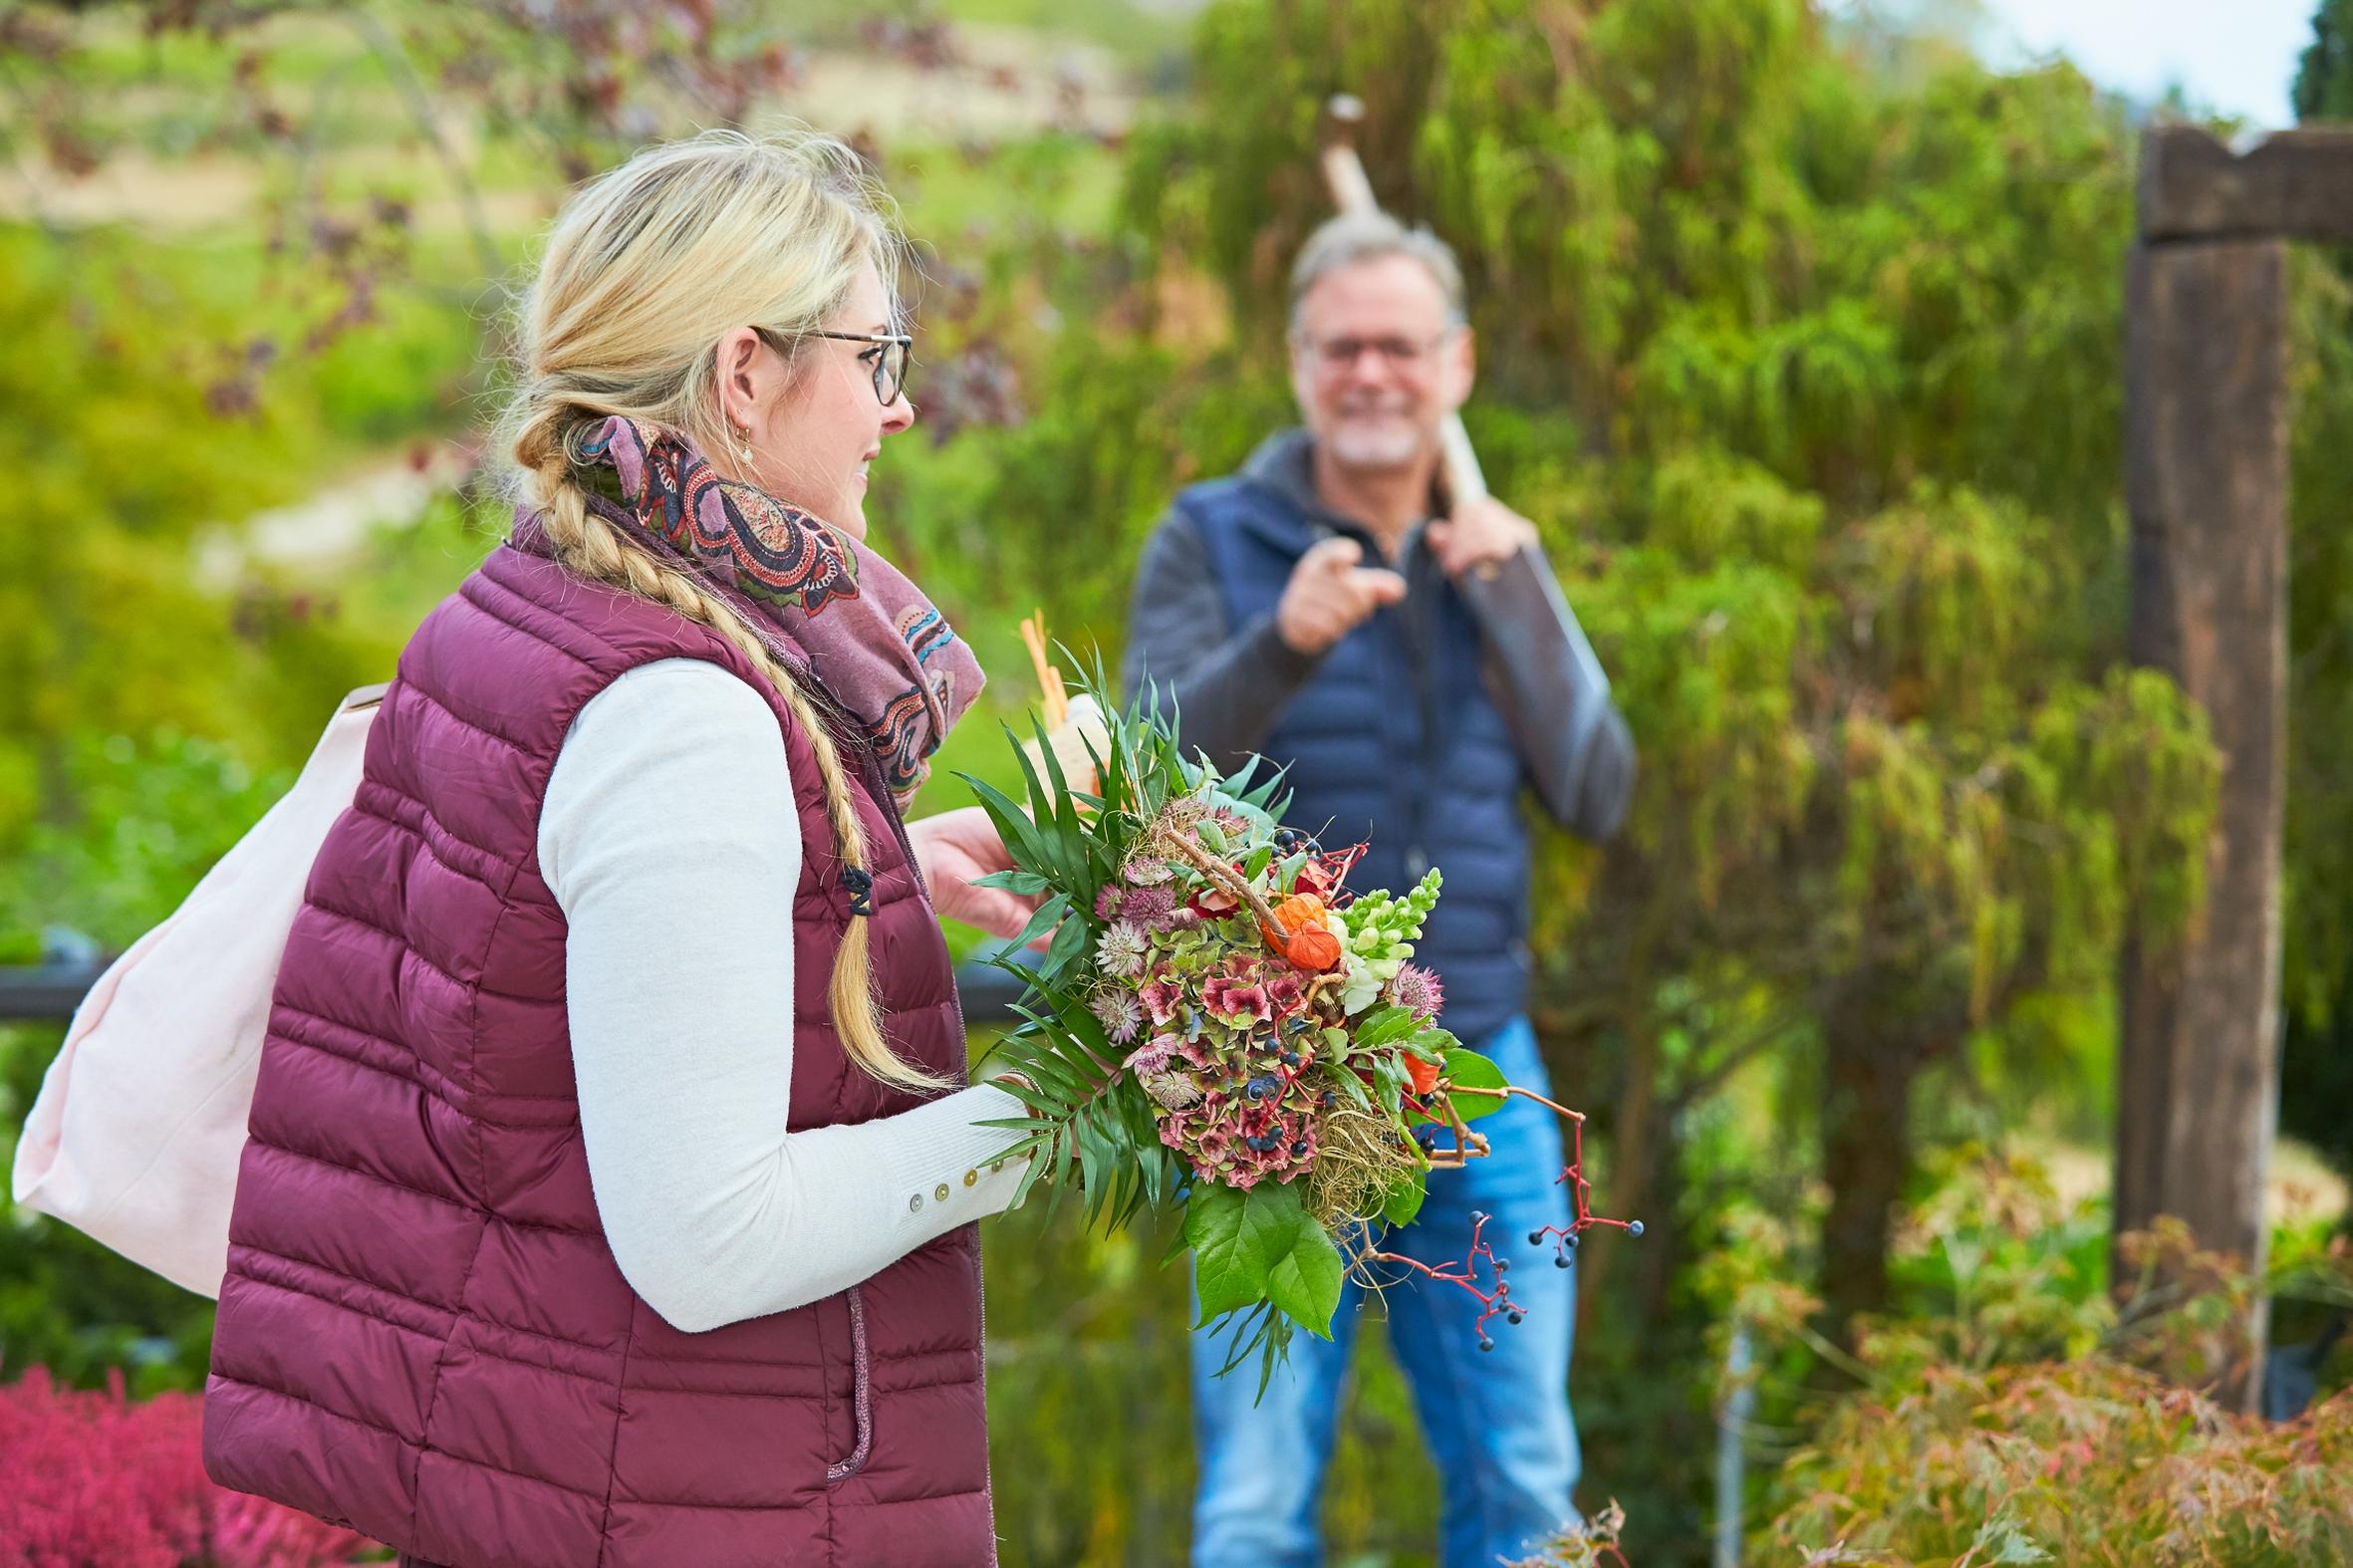 Internationaler Männertag: Blumen als Zeichen der Wertschätzung und Anerkennung